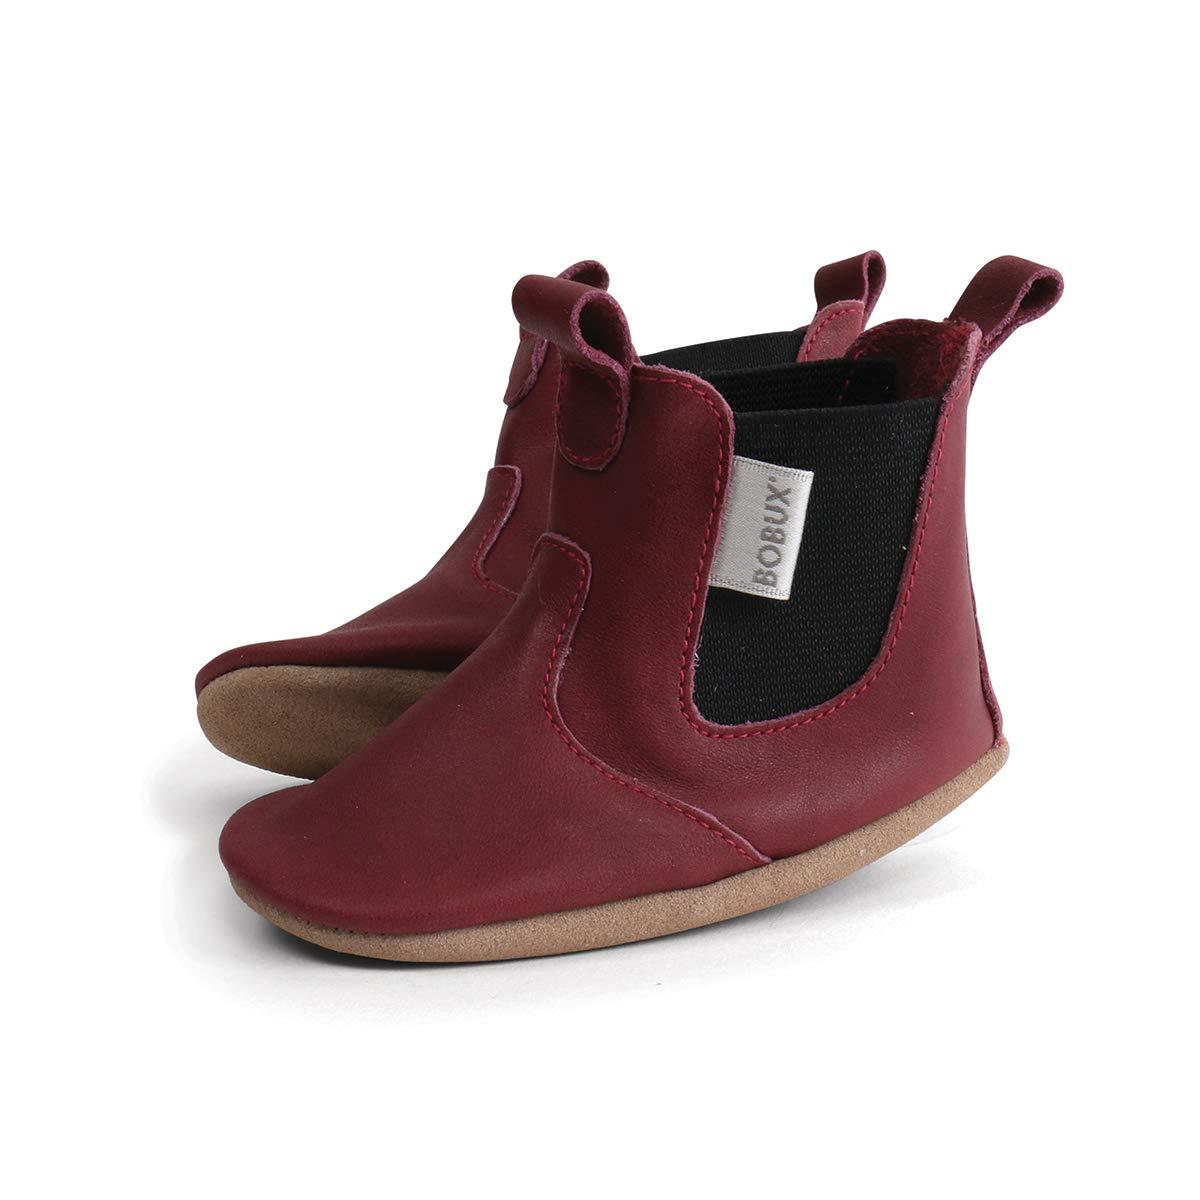 Chaussures b/éb/é Botte Jodphur Bordeaux Brillante Soft Soles Bobux